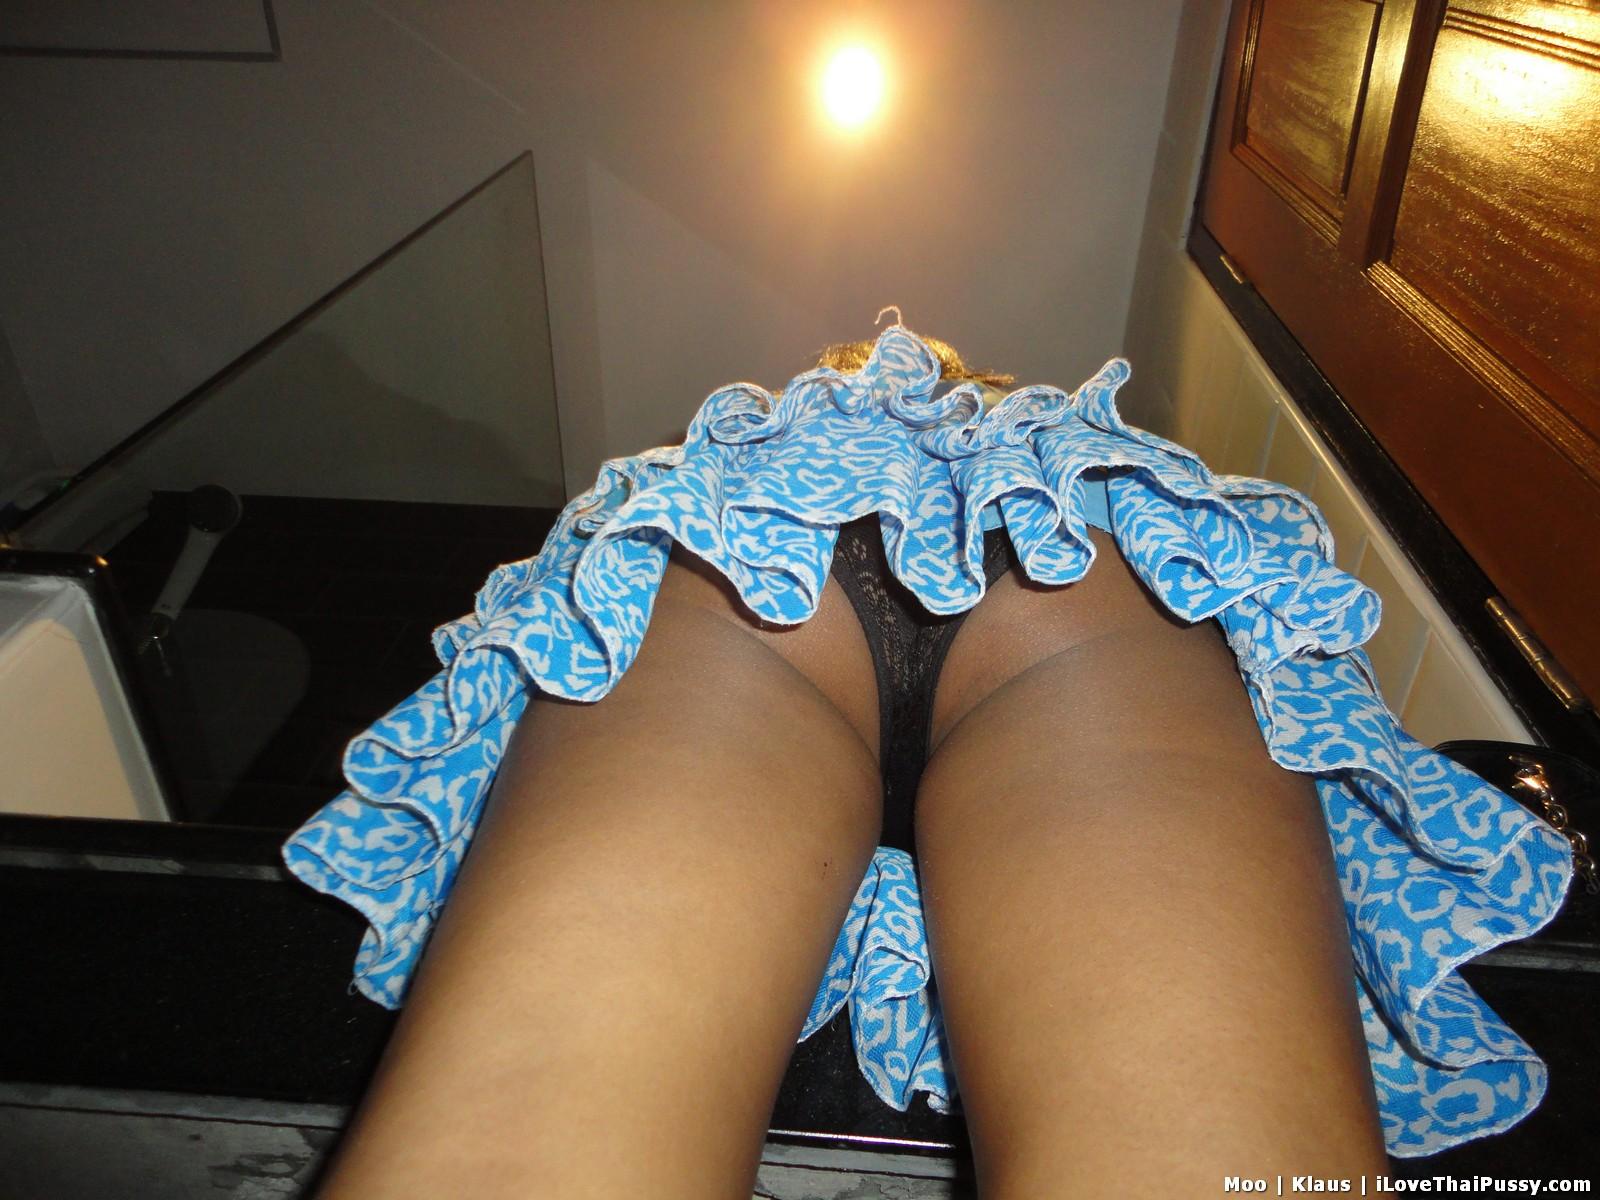 http://teensinasia.com/wp-content/uploads/2012/06/shy_pattaya_girl_moo_21.jpg